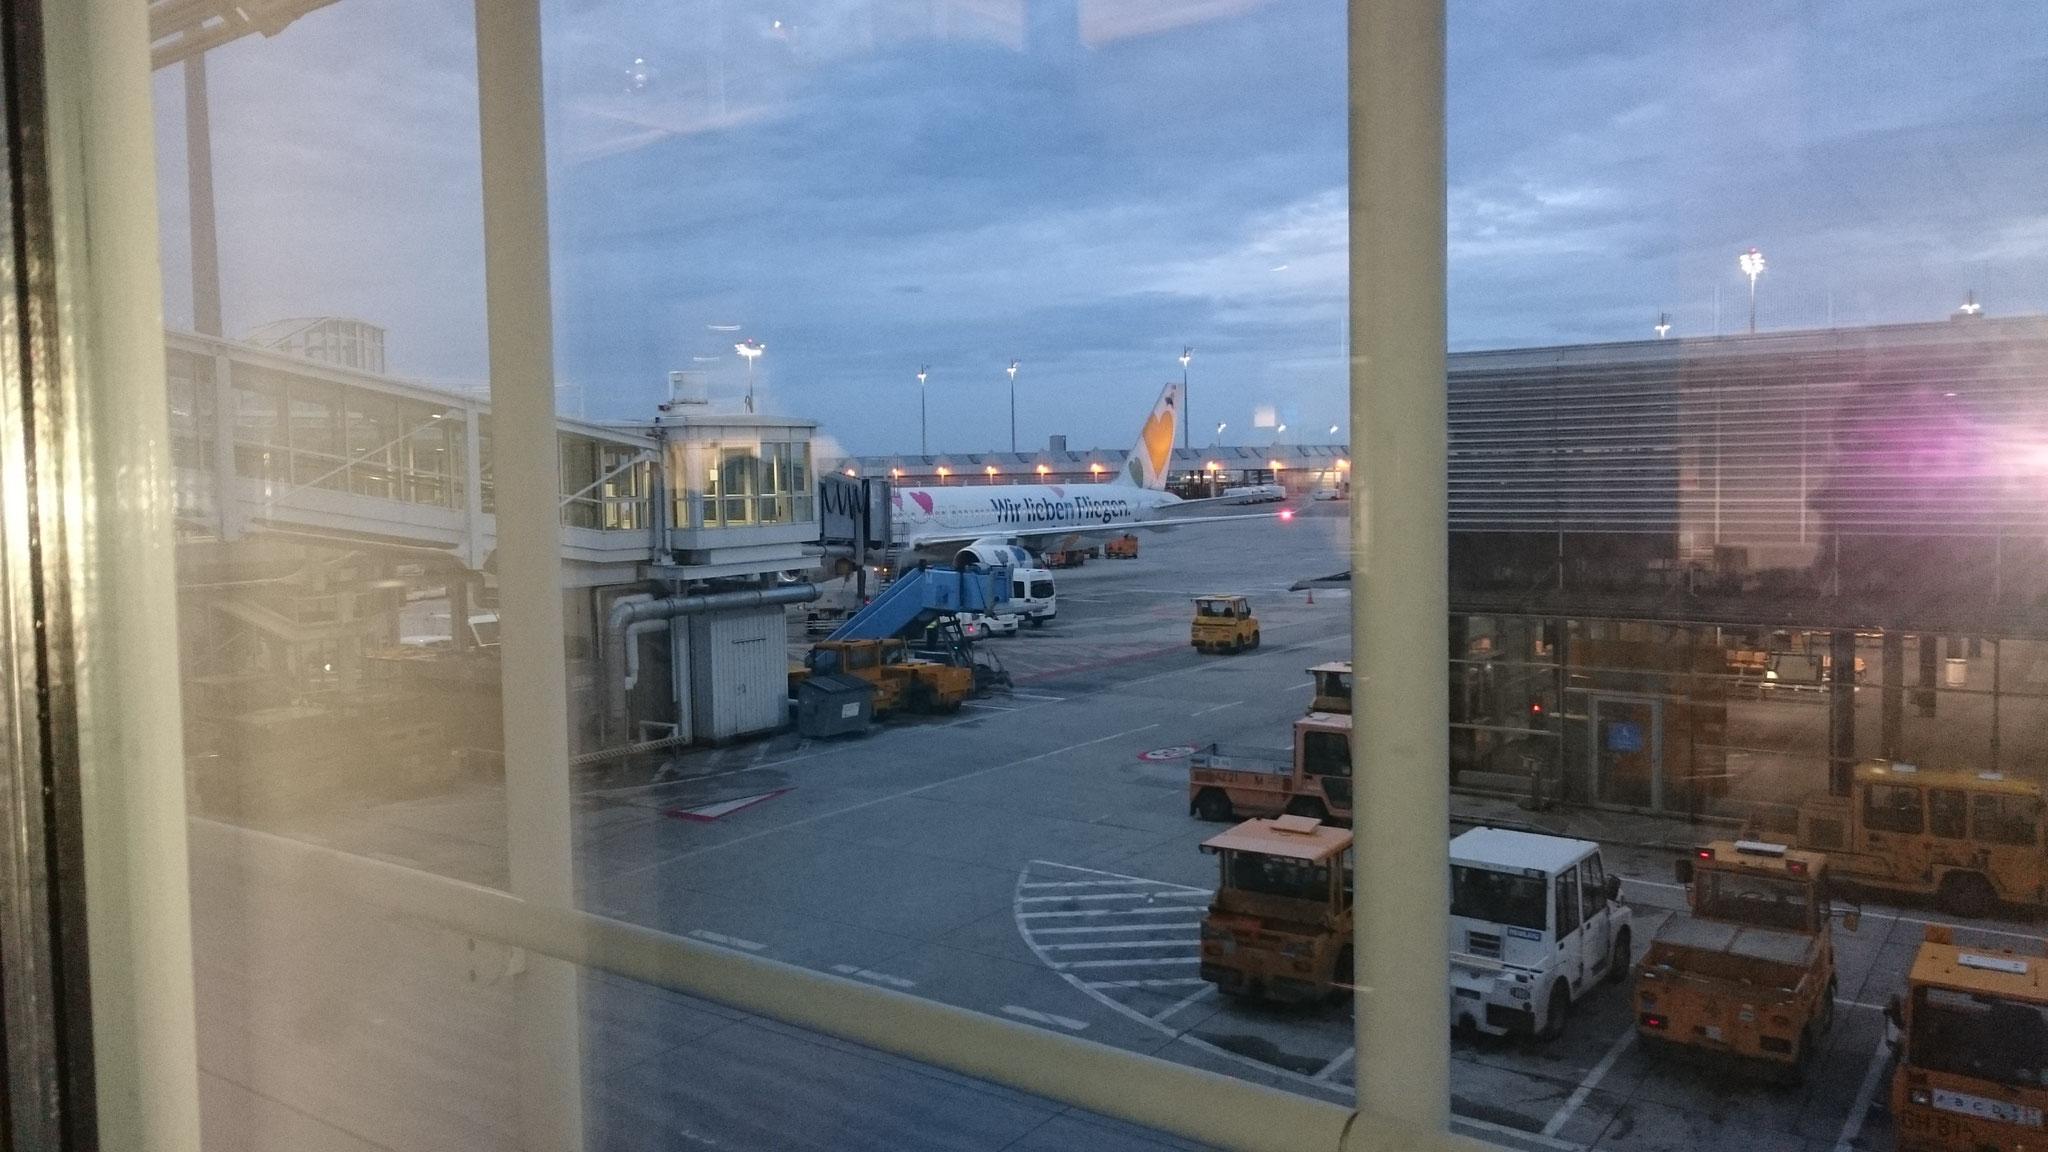 Abflug um 5:55 von München mit der Condor